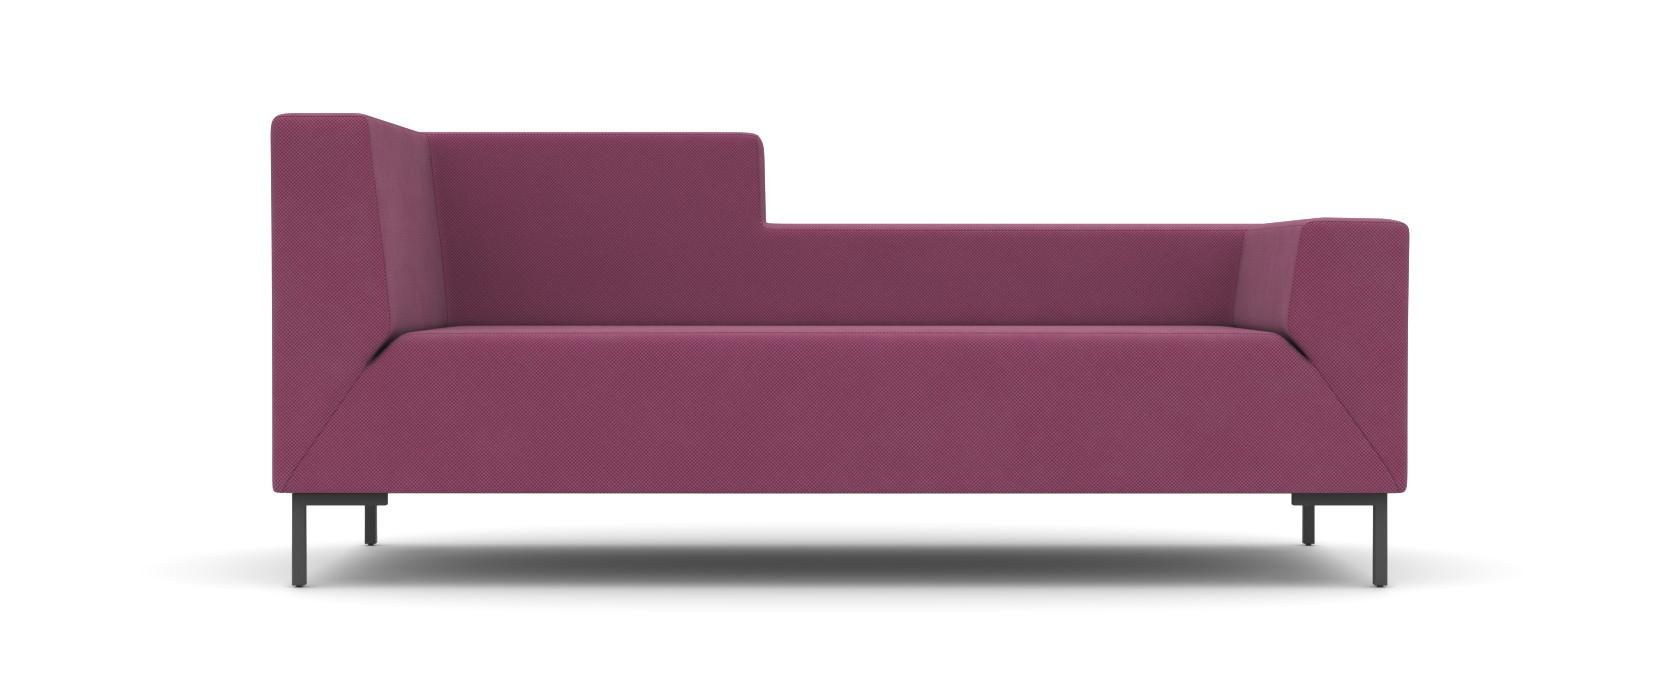 2-Sitzer Sofa Bolzano Mix